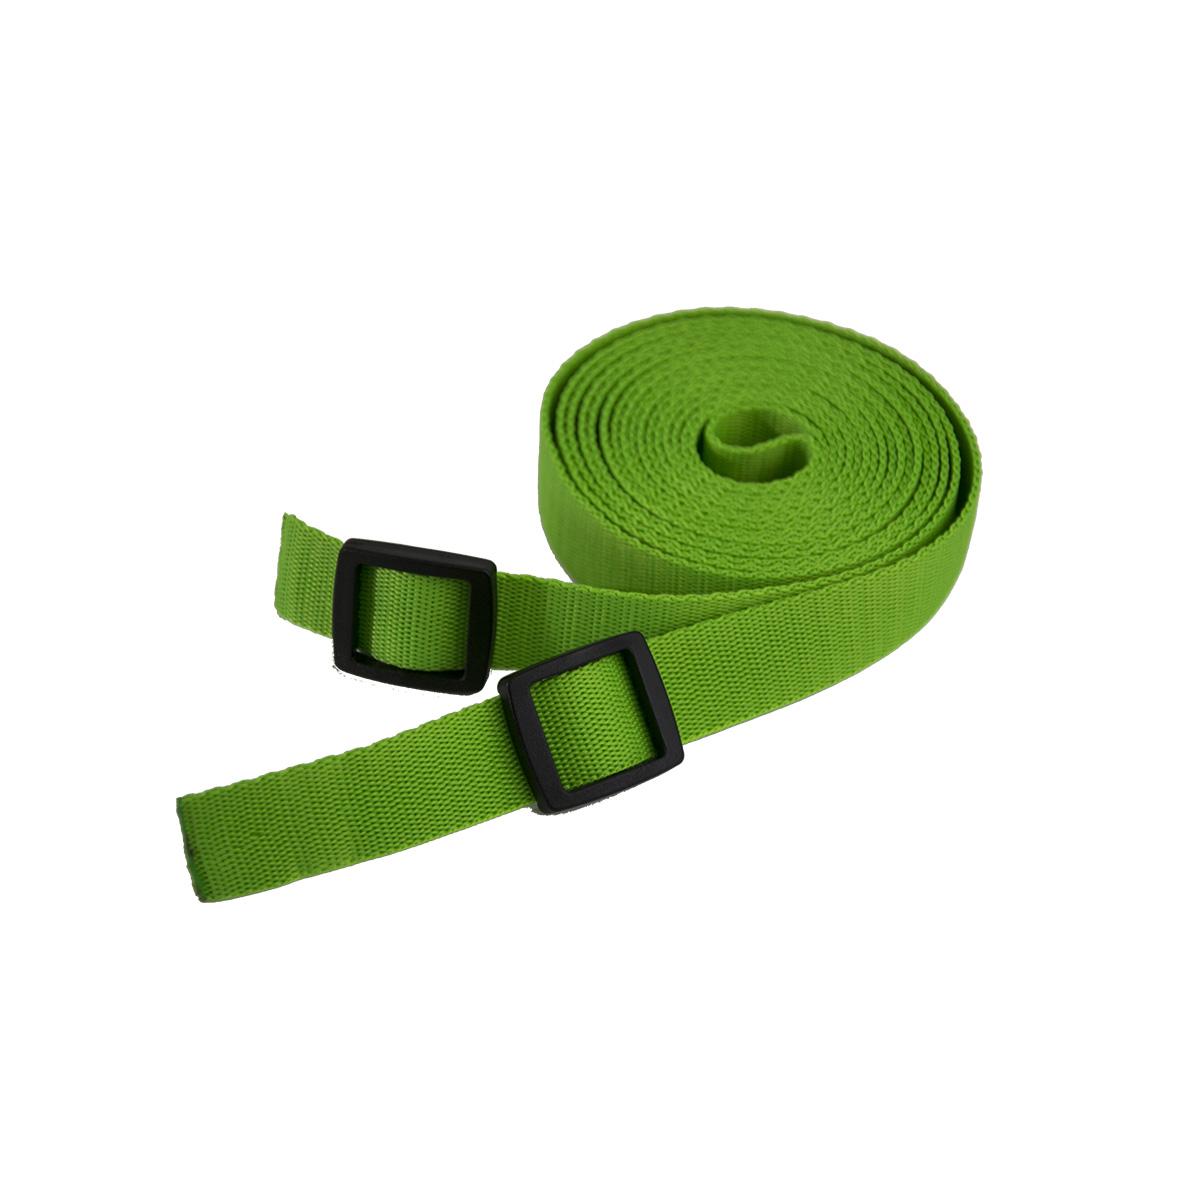 Tažný popruh na tahání saní a bobů - 3 metry - zelený